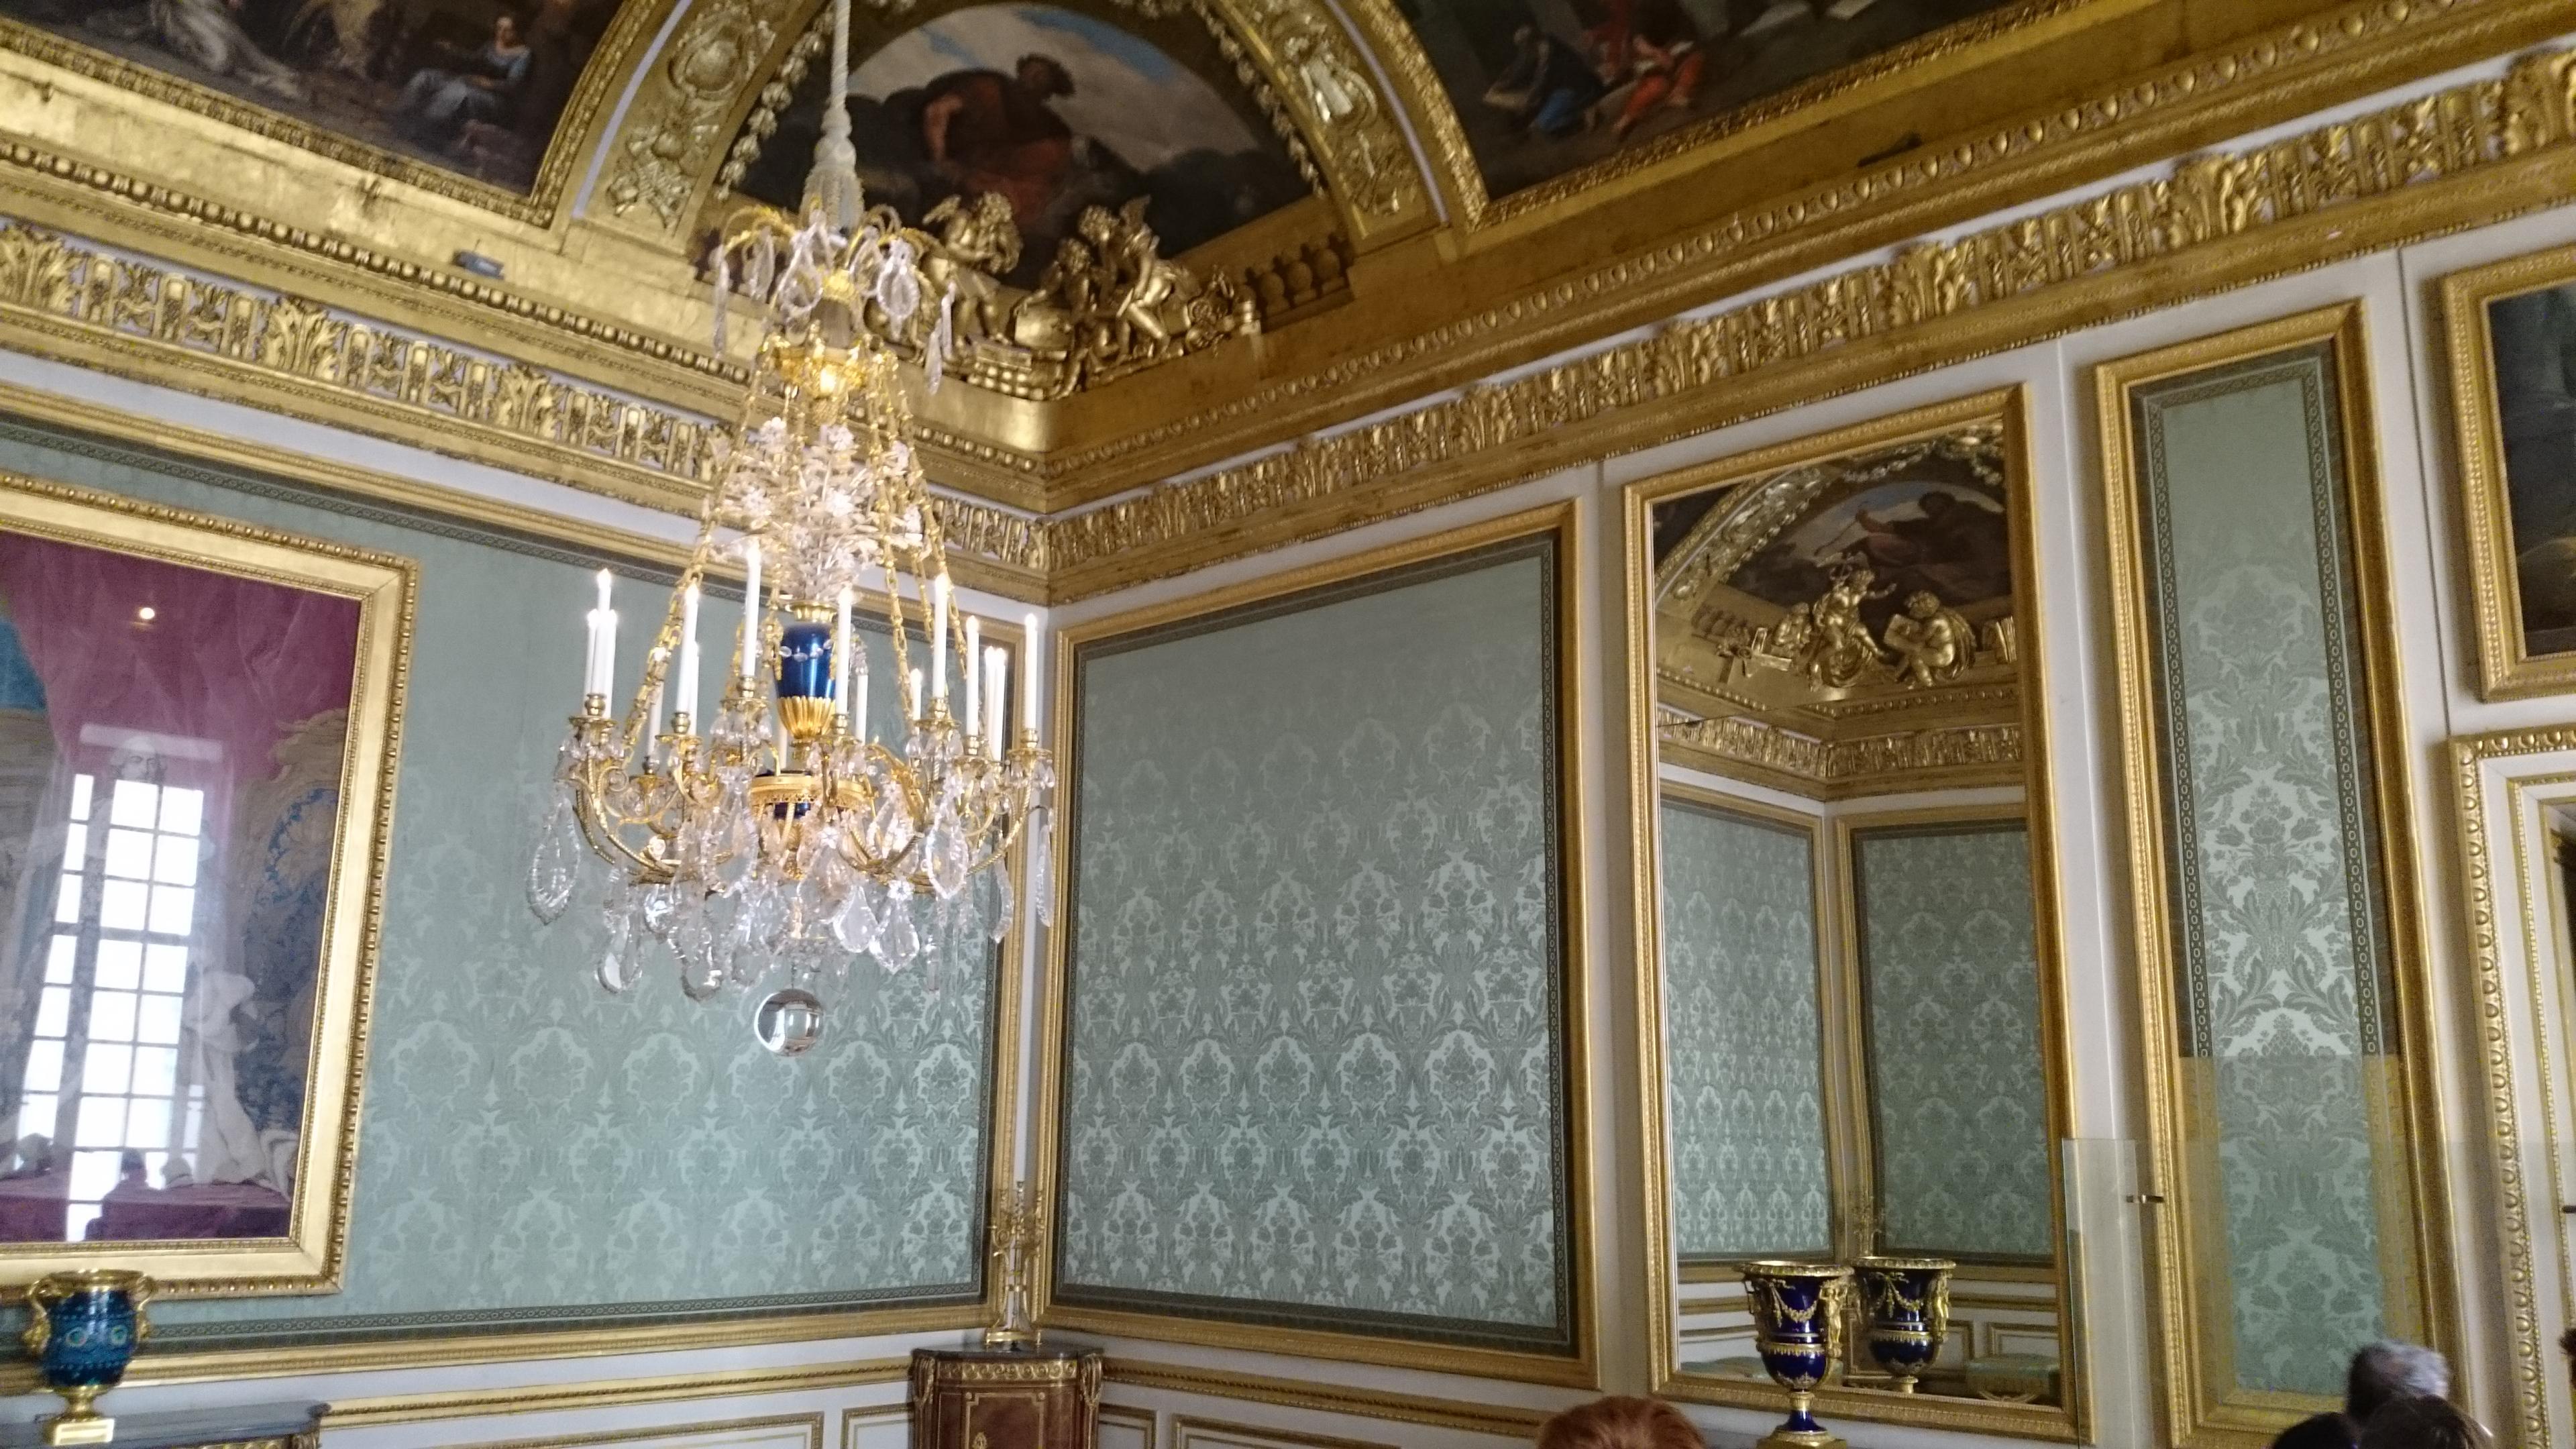 dsc 13941 - Visita al Palacio de Versalles: Como ir, cuanto cuesta y tips III/III